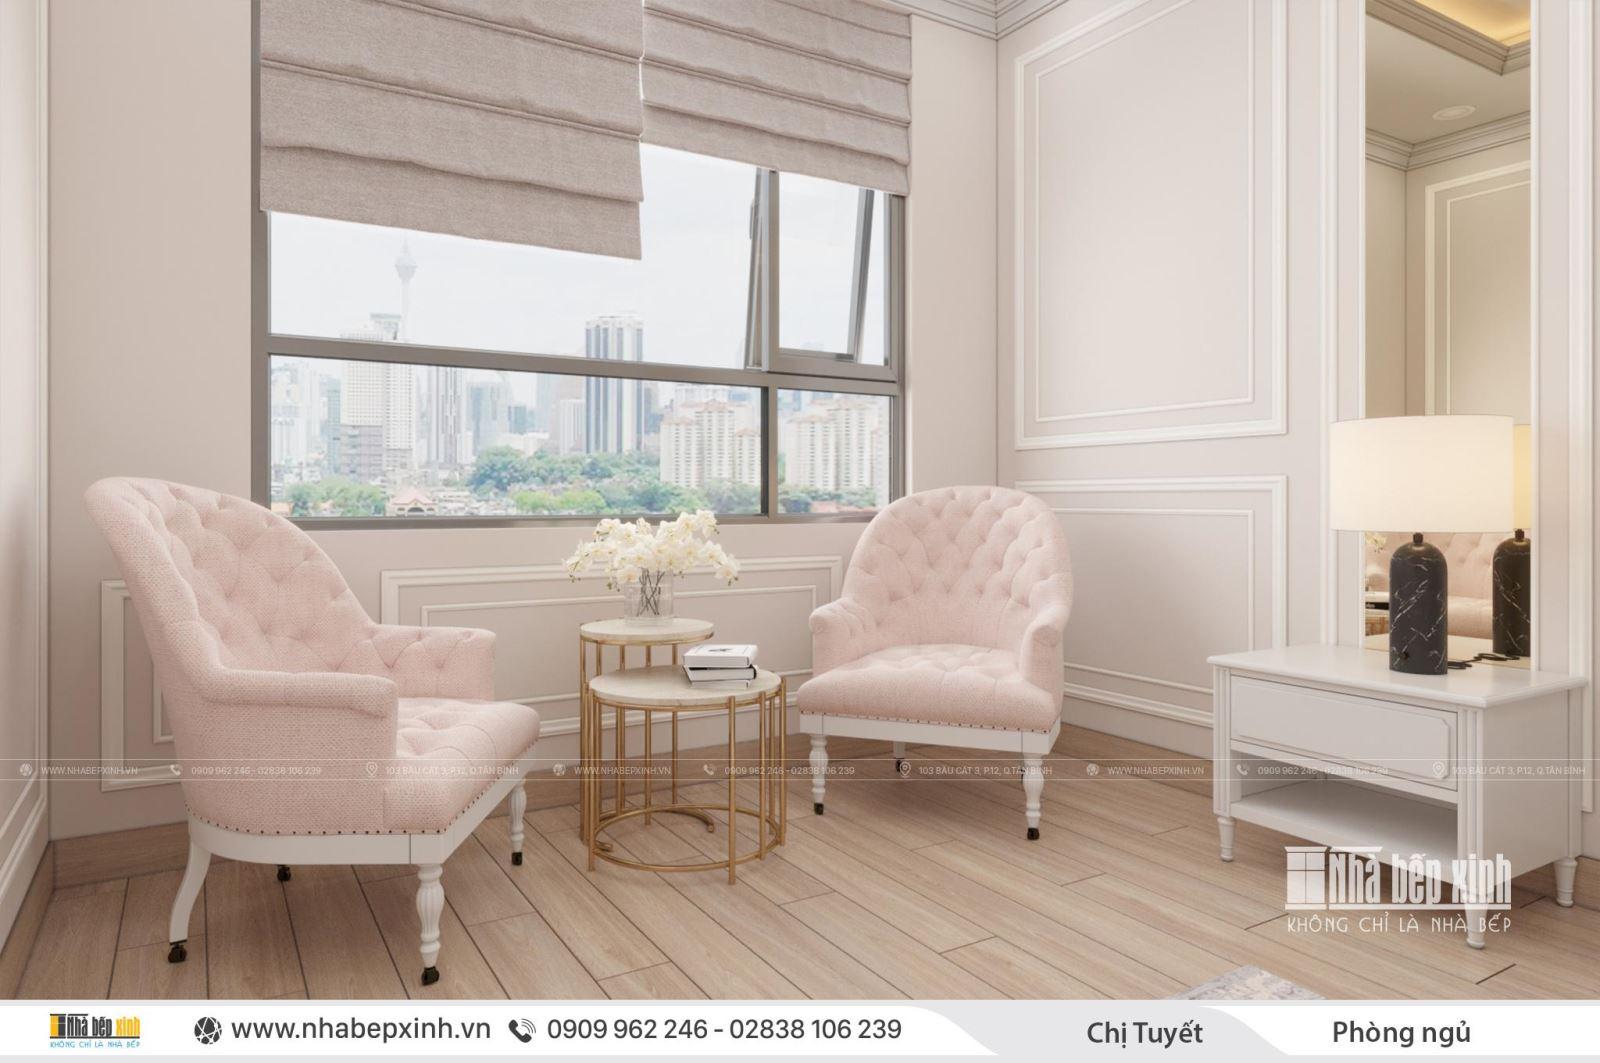 Thiết kế nội thất căn hộ chung cư tân cổ điển sang trọng